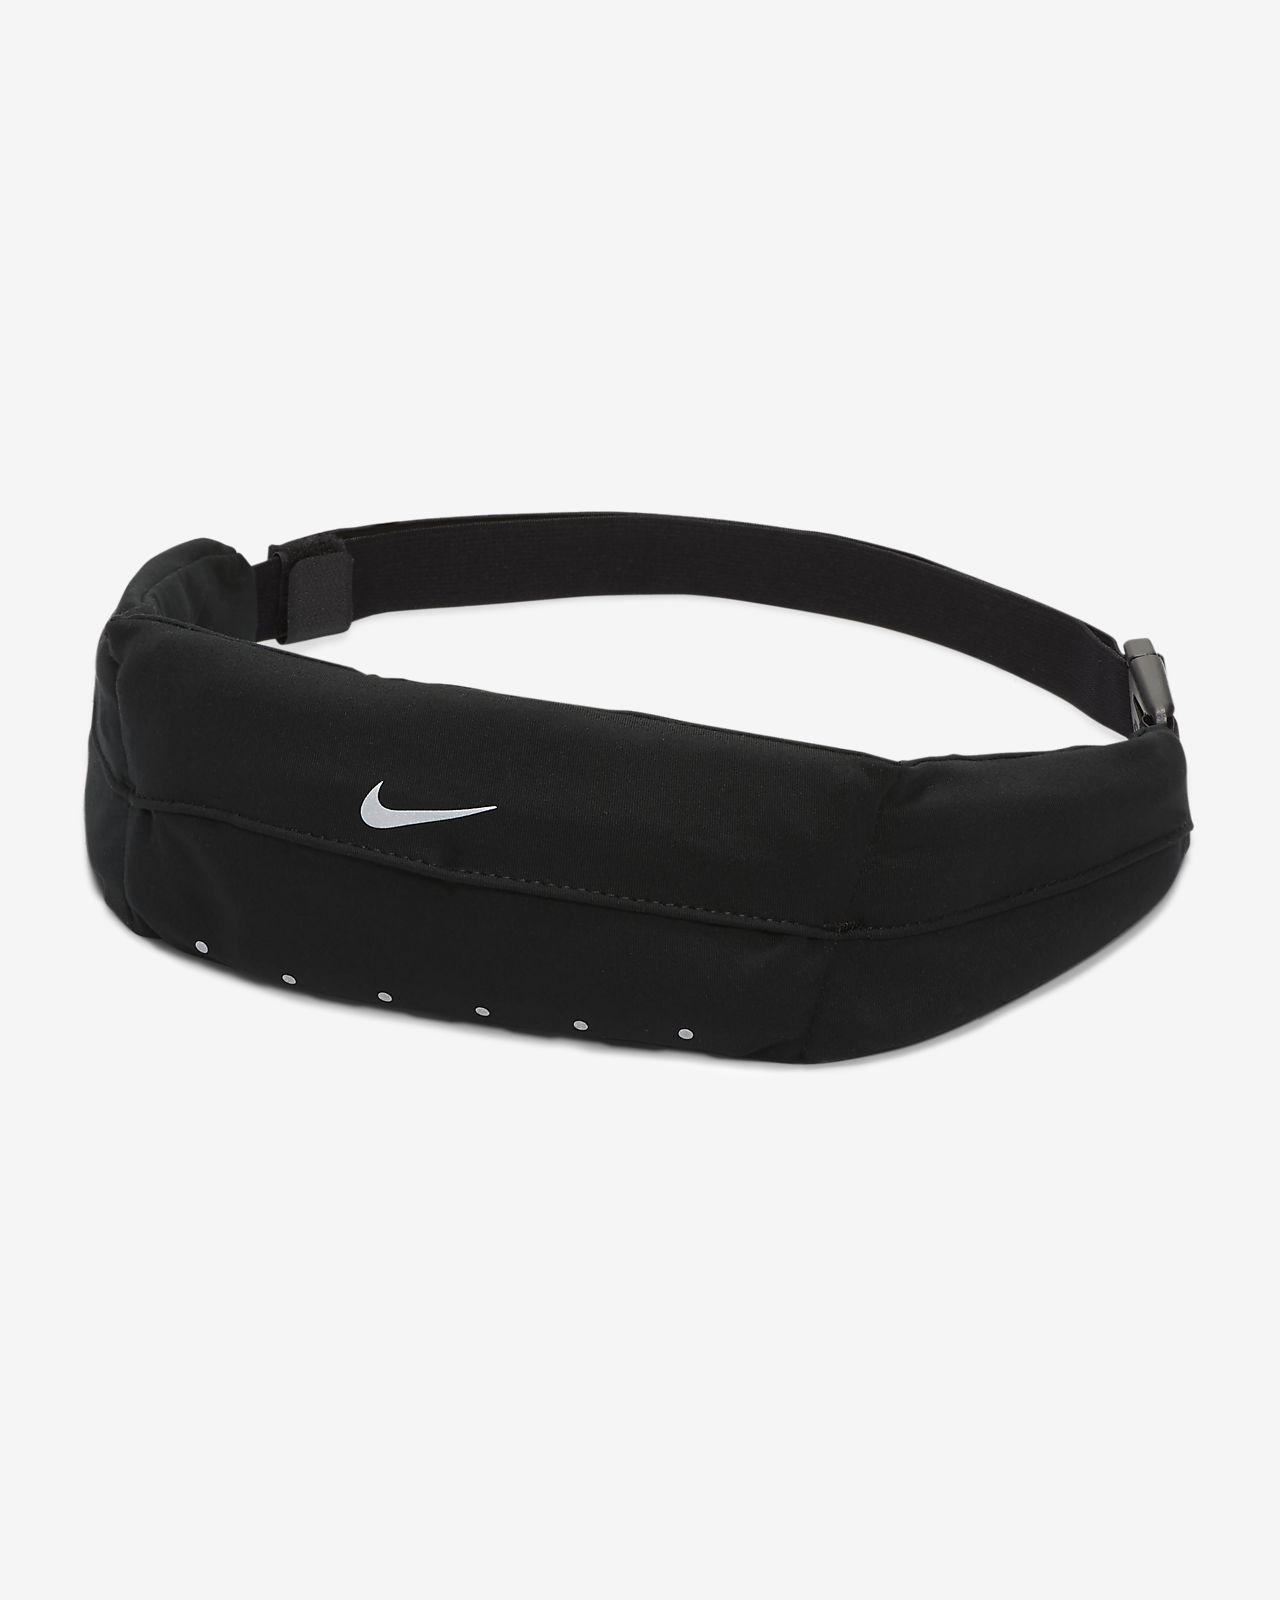 Nike Expandable Fanny Pack